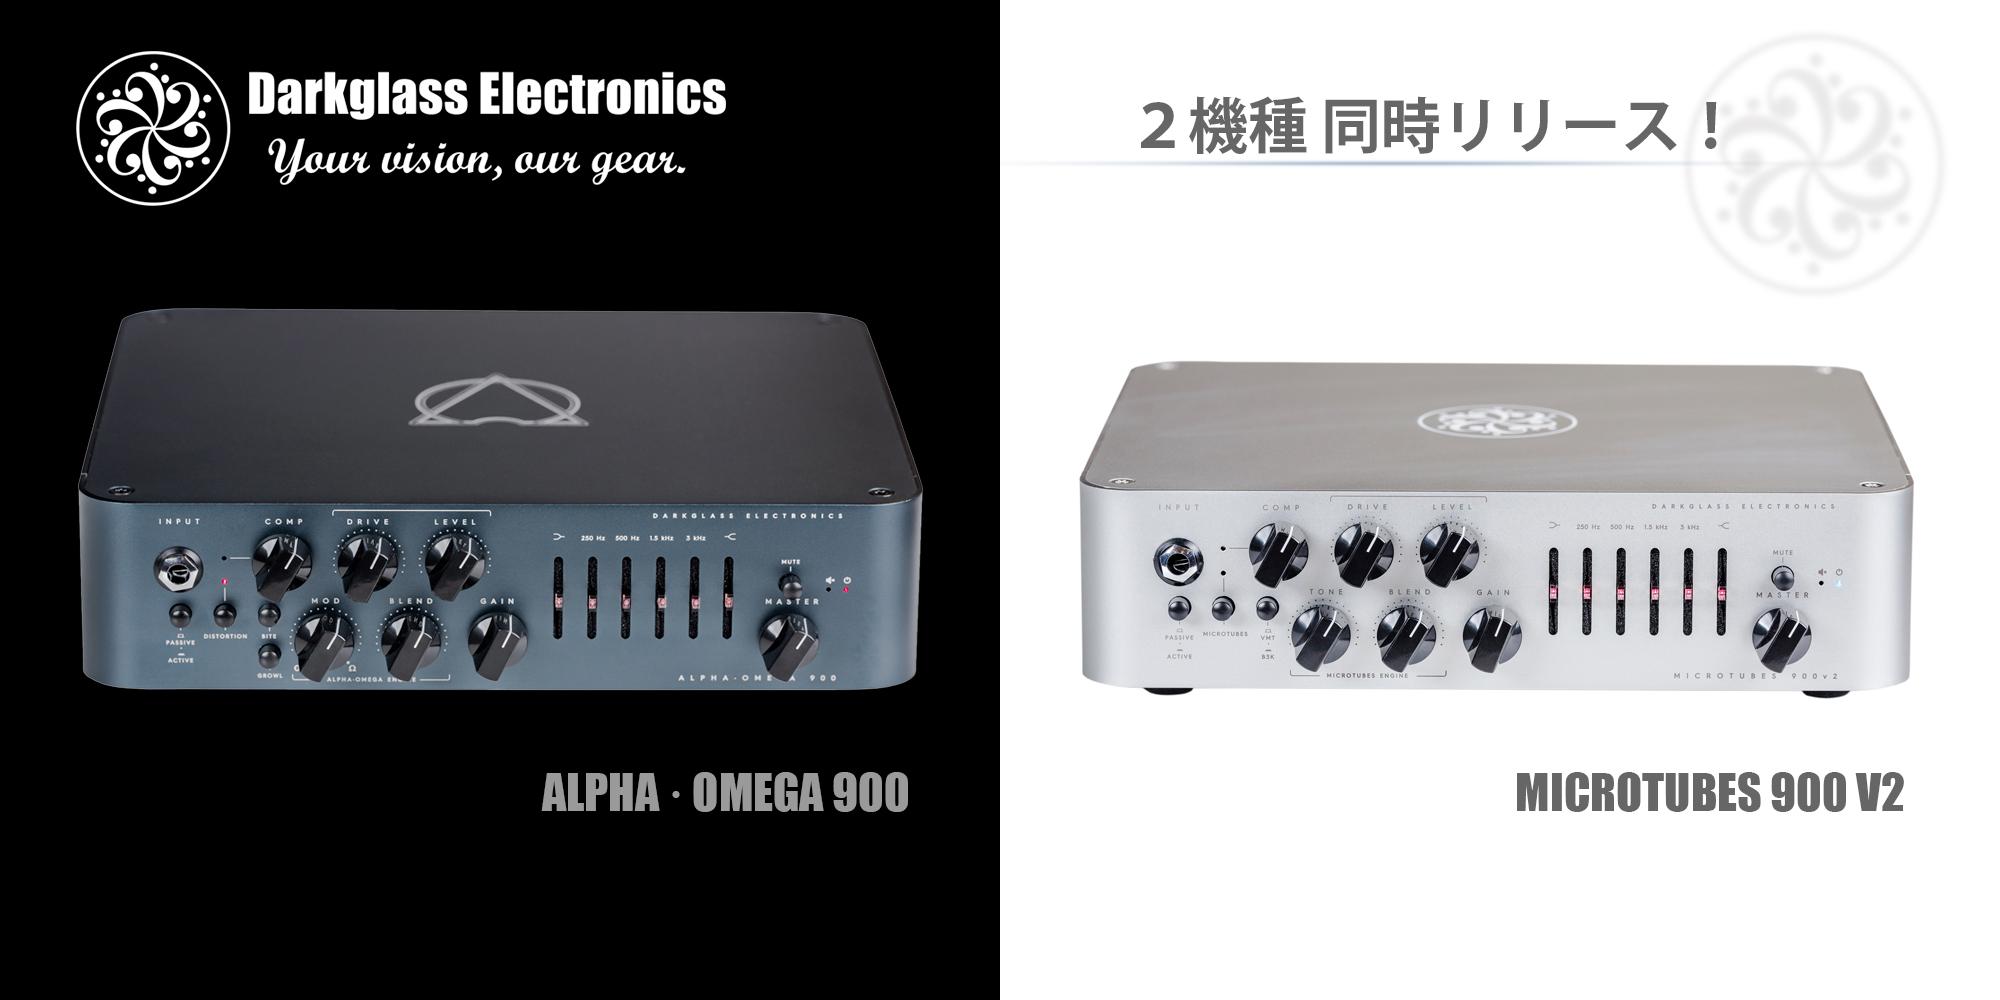 AlphaOmega900_Microtubes900v2_slider